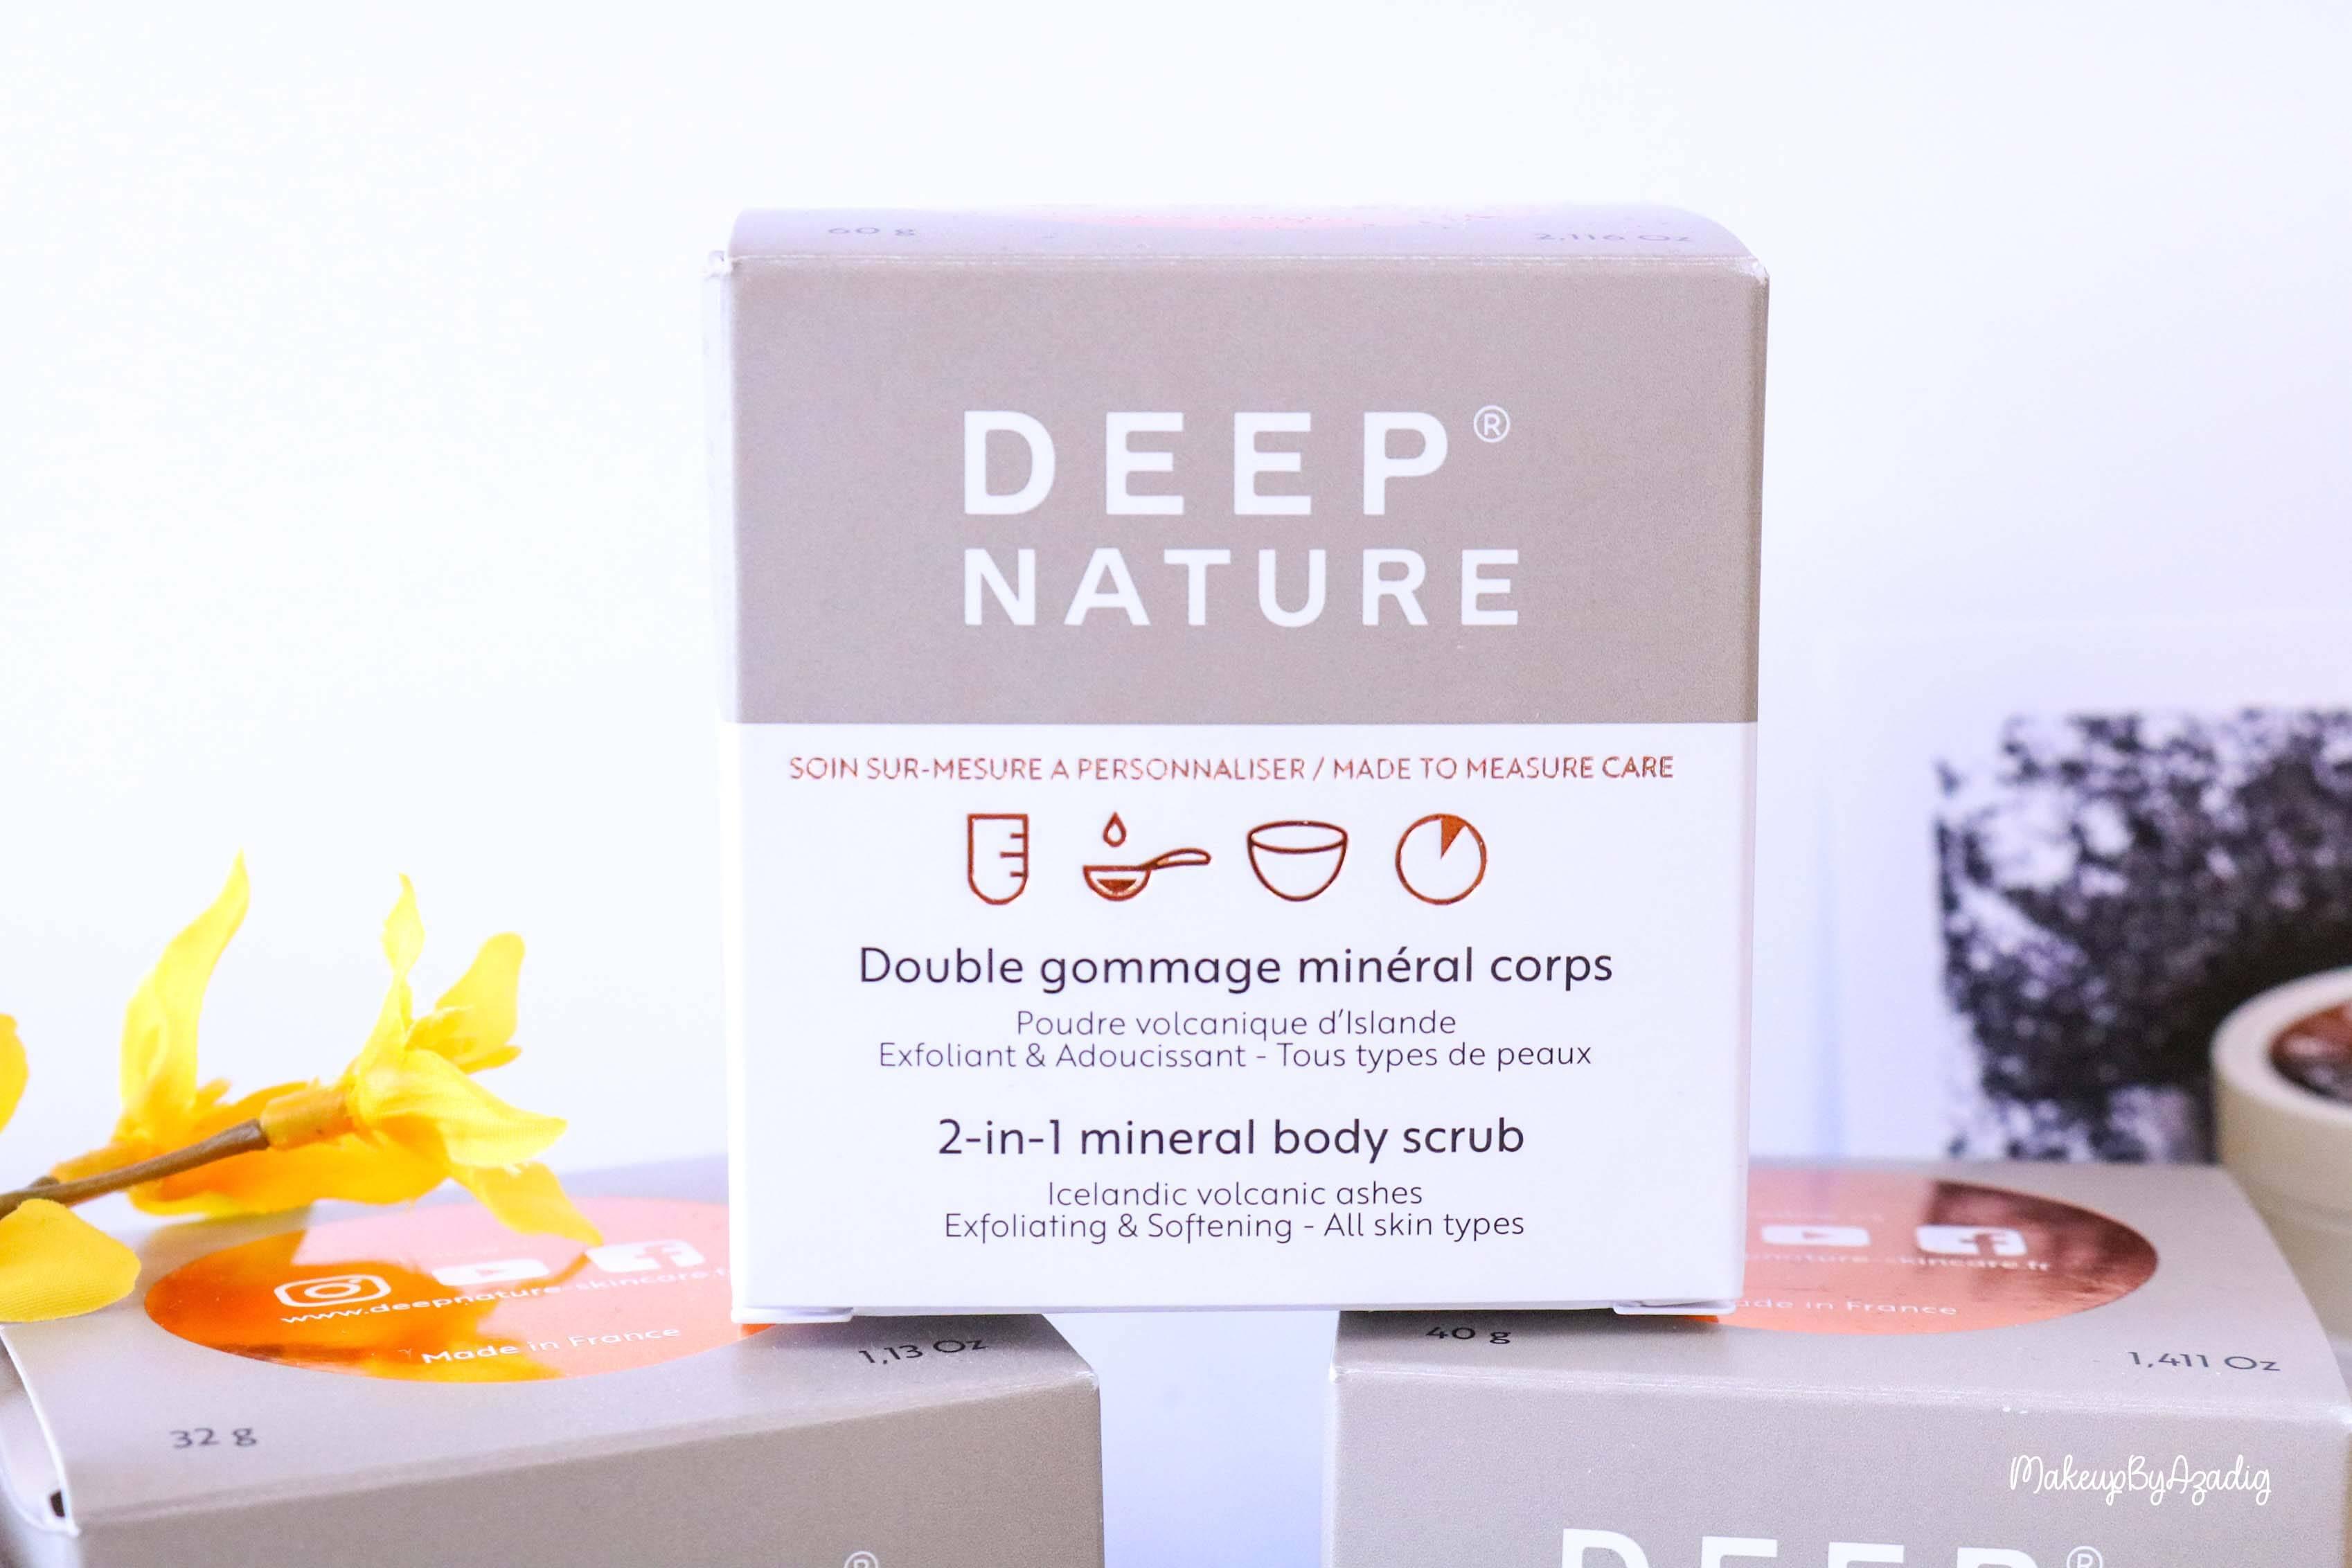 diy-gommage-corps-maison-soi-meme-deep-nature-spa-mineraux-volcanique-islande-makeupbyazadig-personnalise